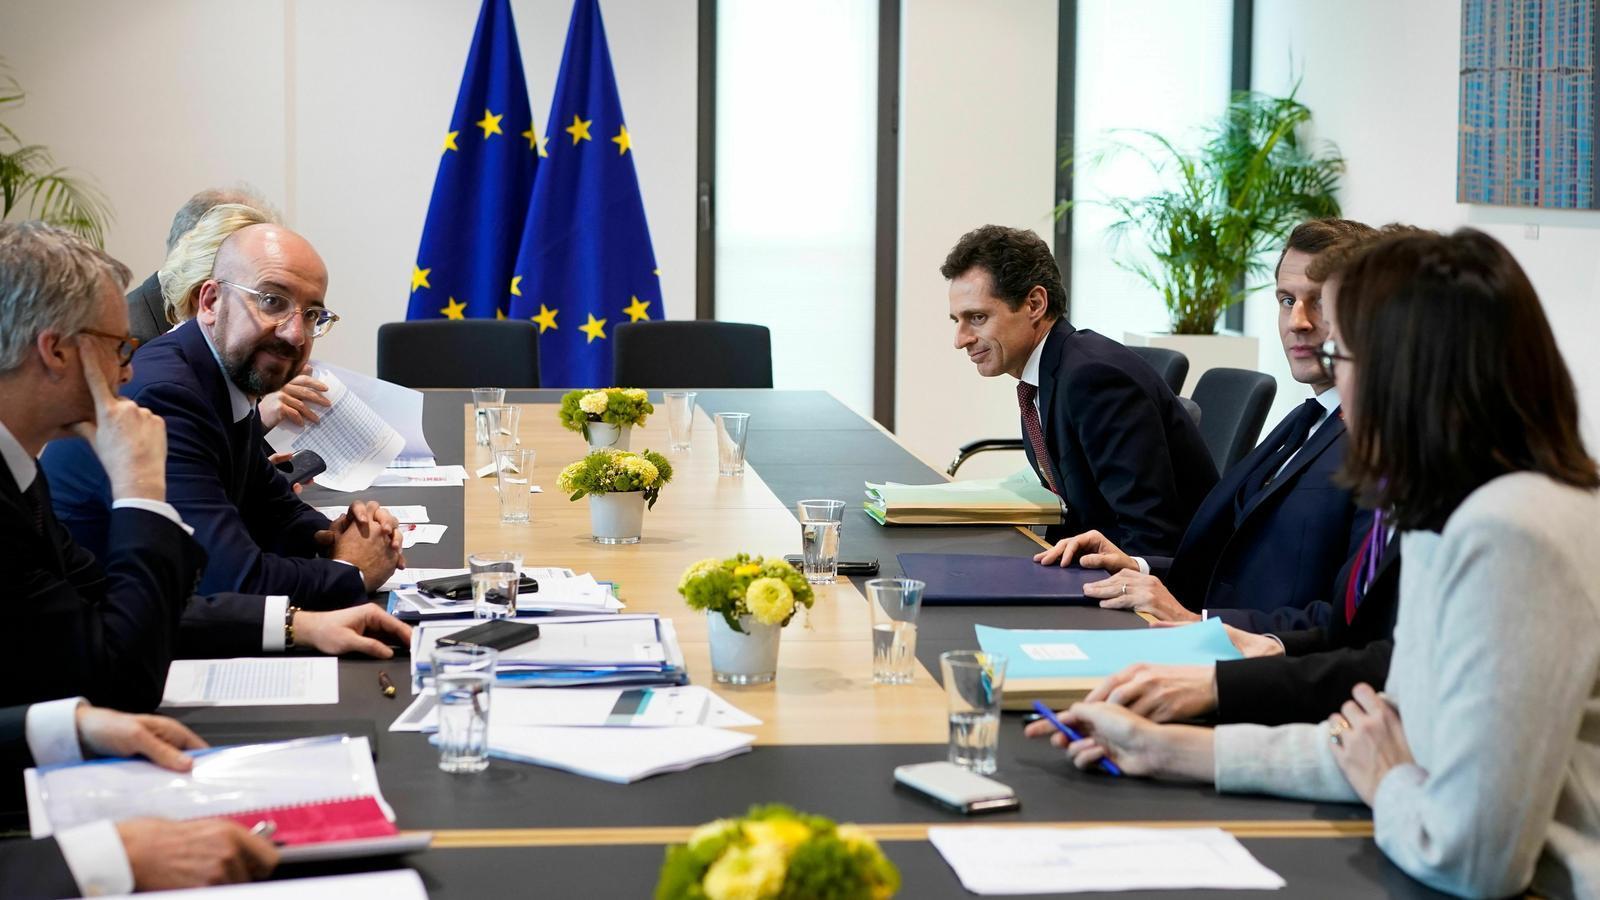 Bloqueig absolut: la UE fracassa en l'intent de pactar el nou pressupost